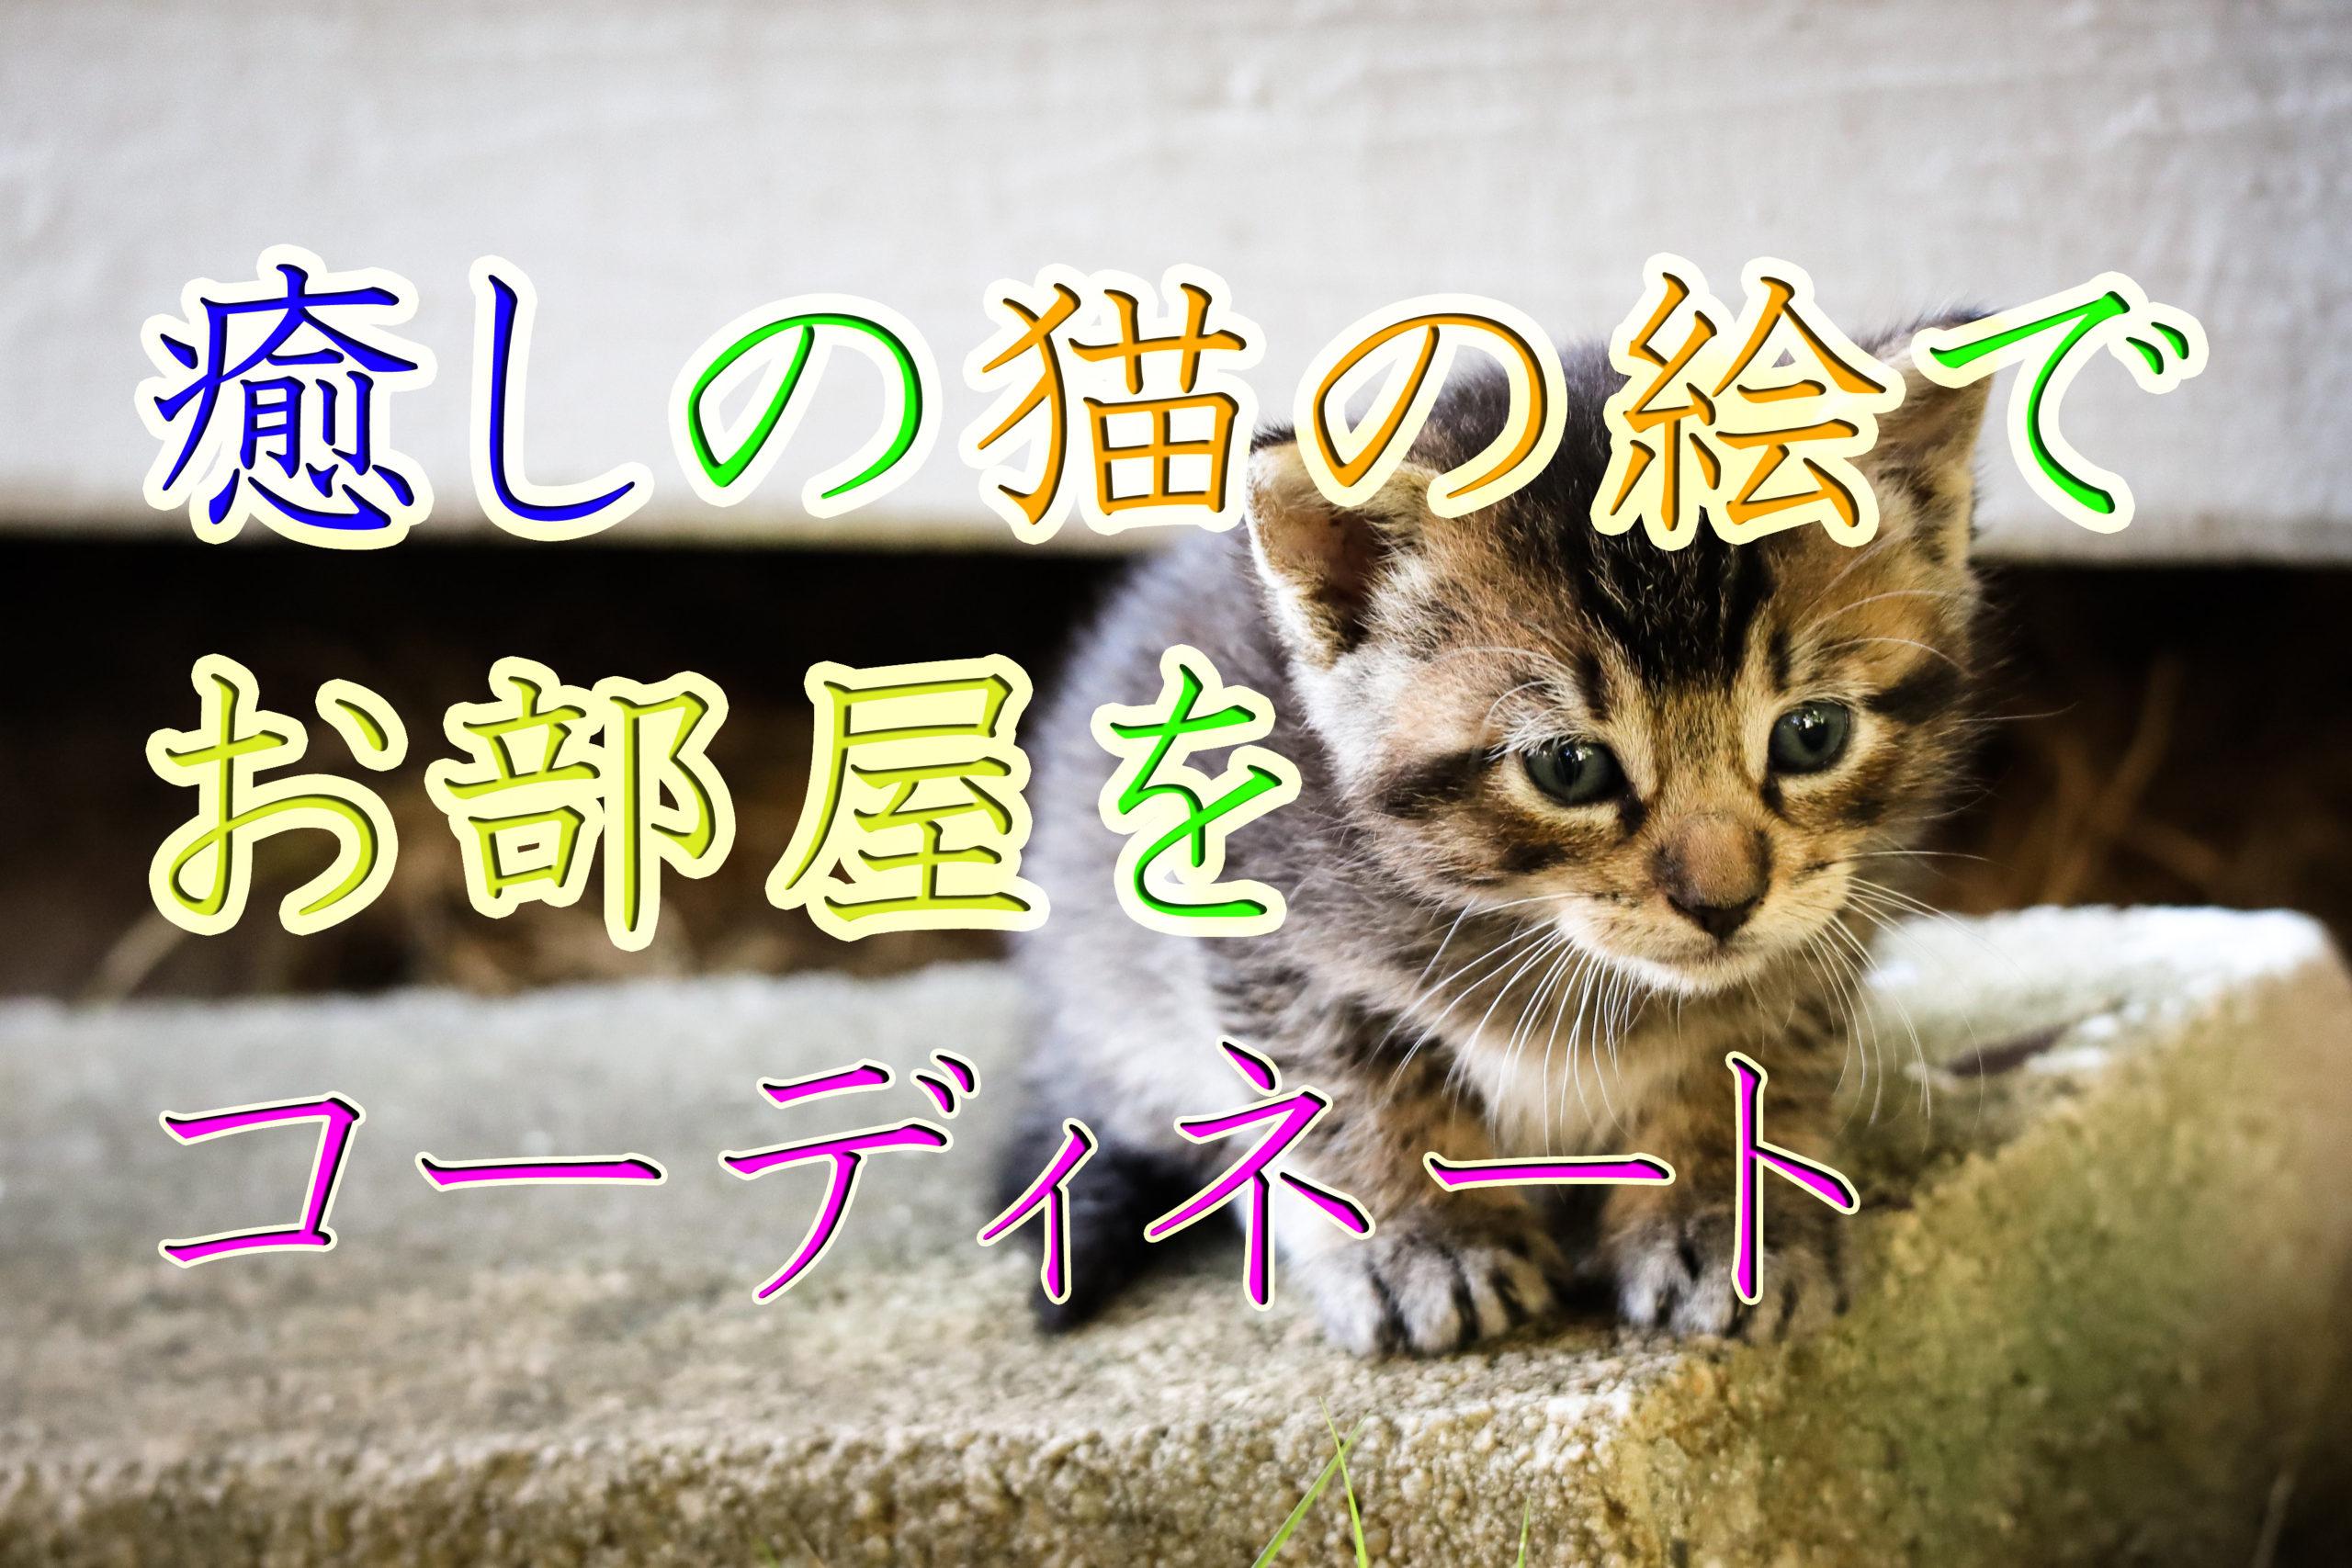 猫好き必見!!癒しの猫の絵でお部屋をコーディネート【猫の絵を鑑賞する効果】